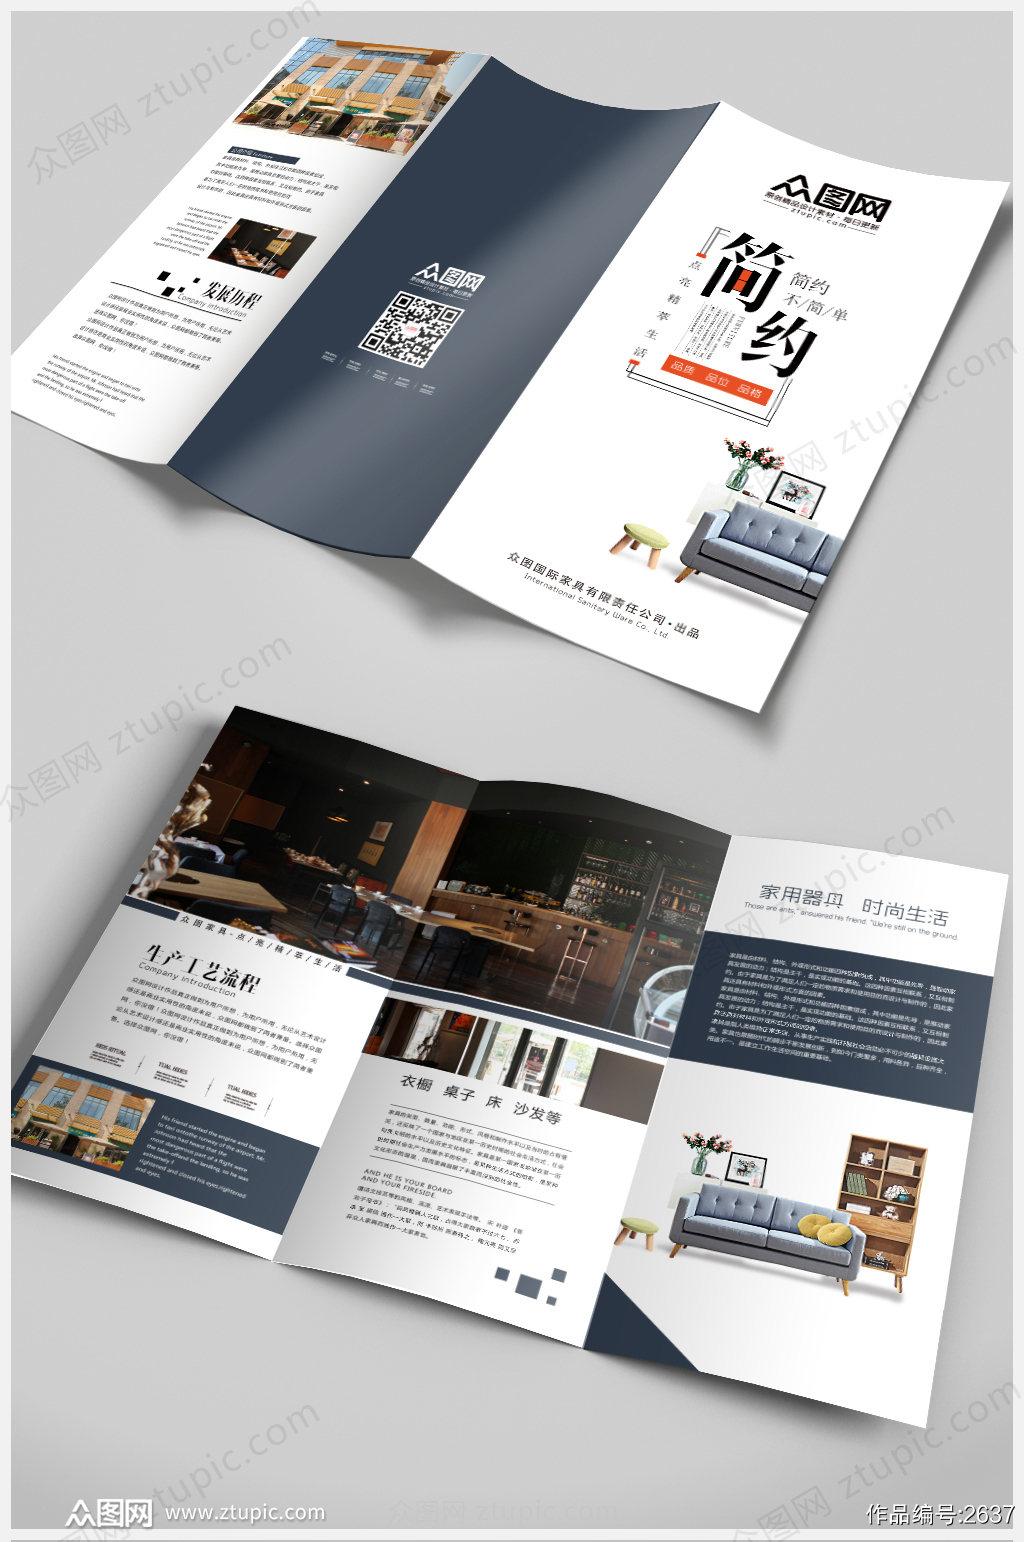 高档简约家居家装 装修家具公司三折页手册设计素材